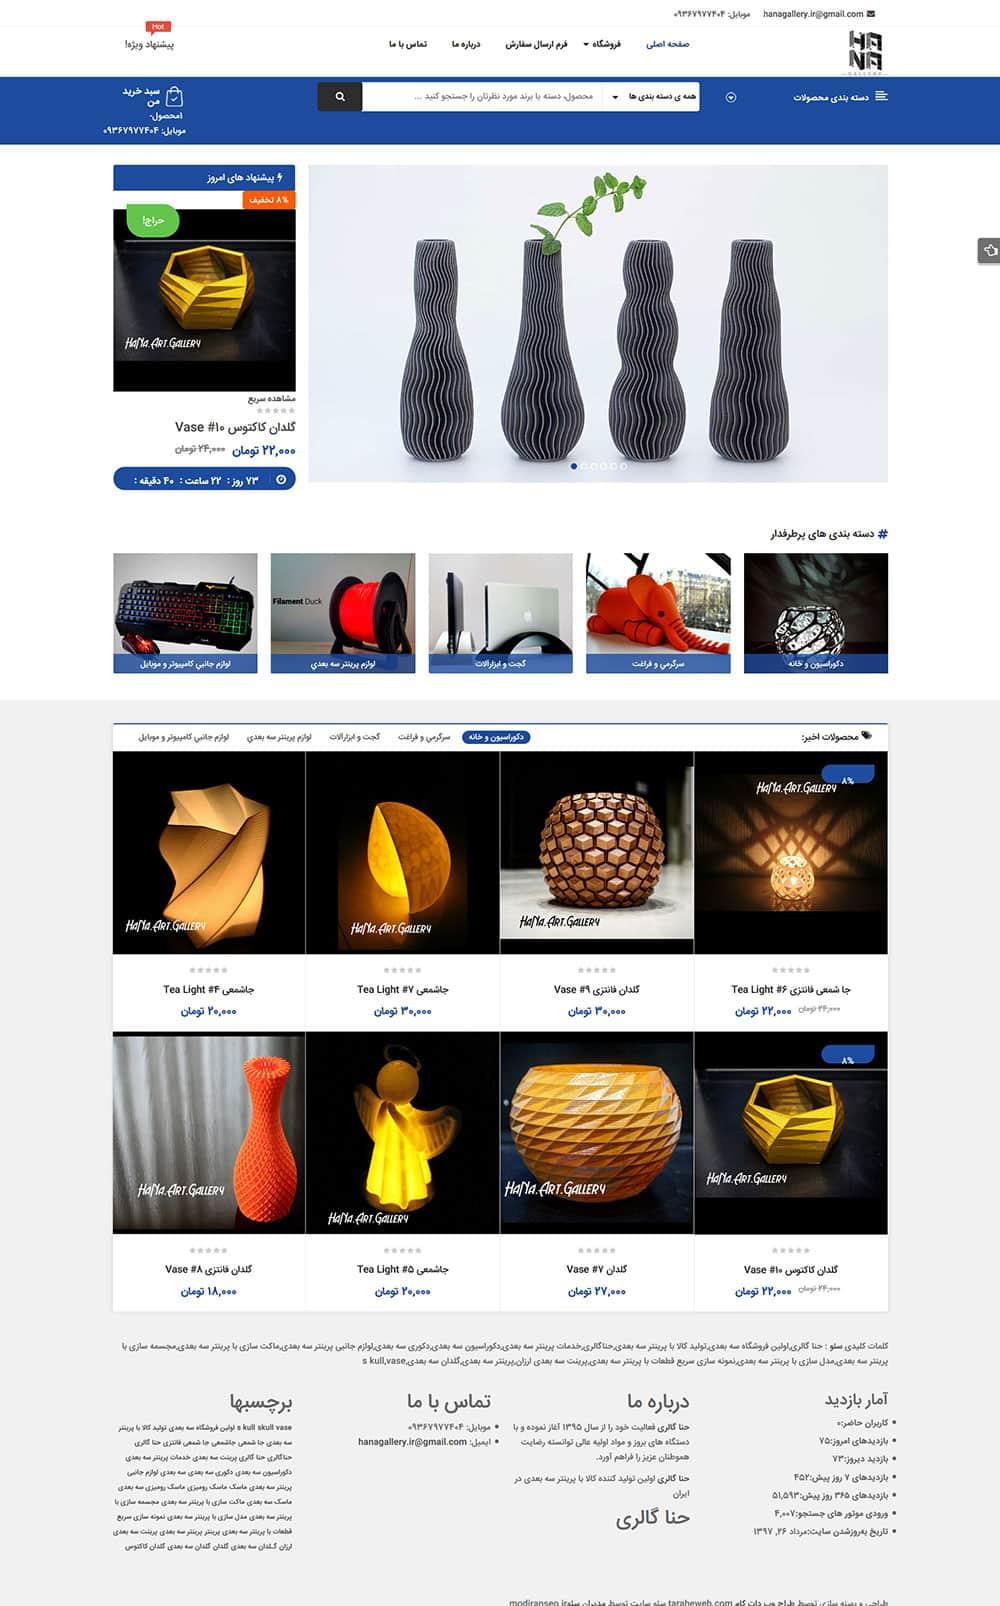 طراحی سایت فروشگاهی حنا گالری